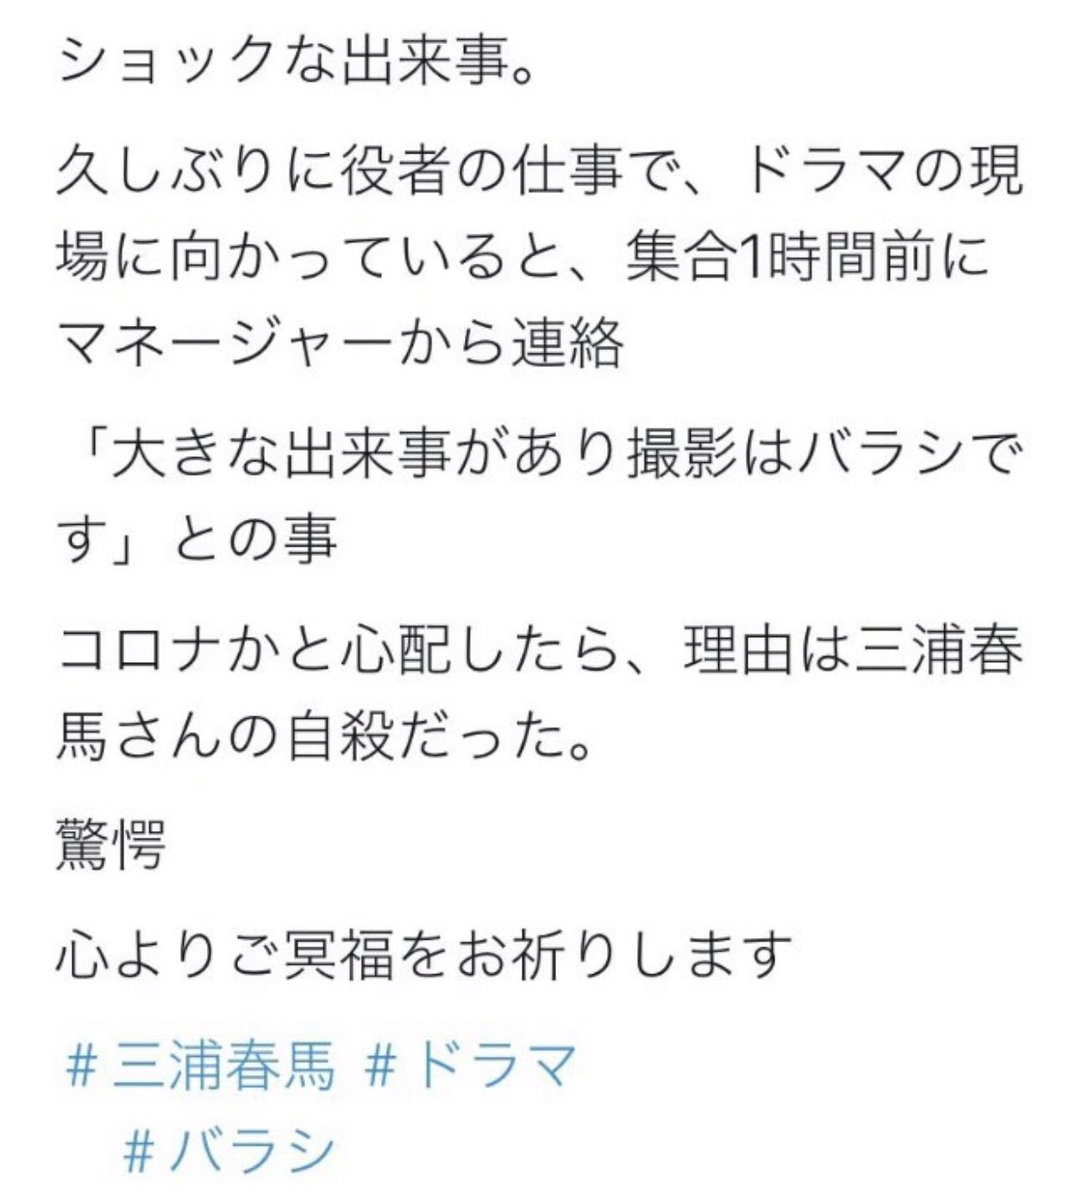 三浦 渋井 馬 治雄 春